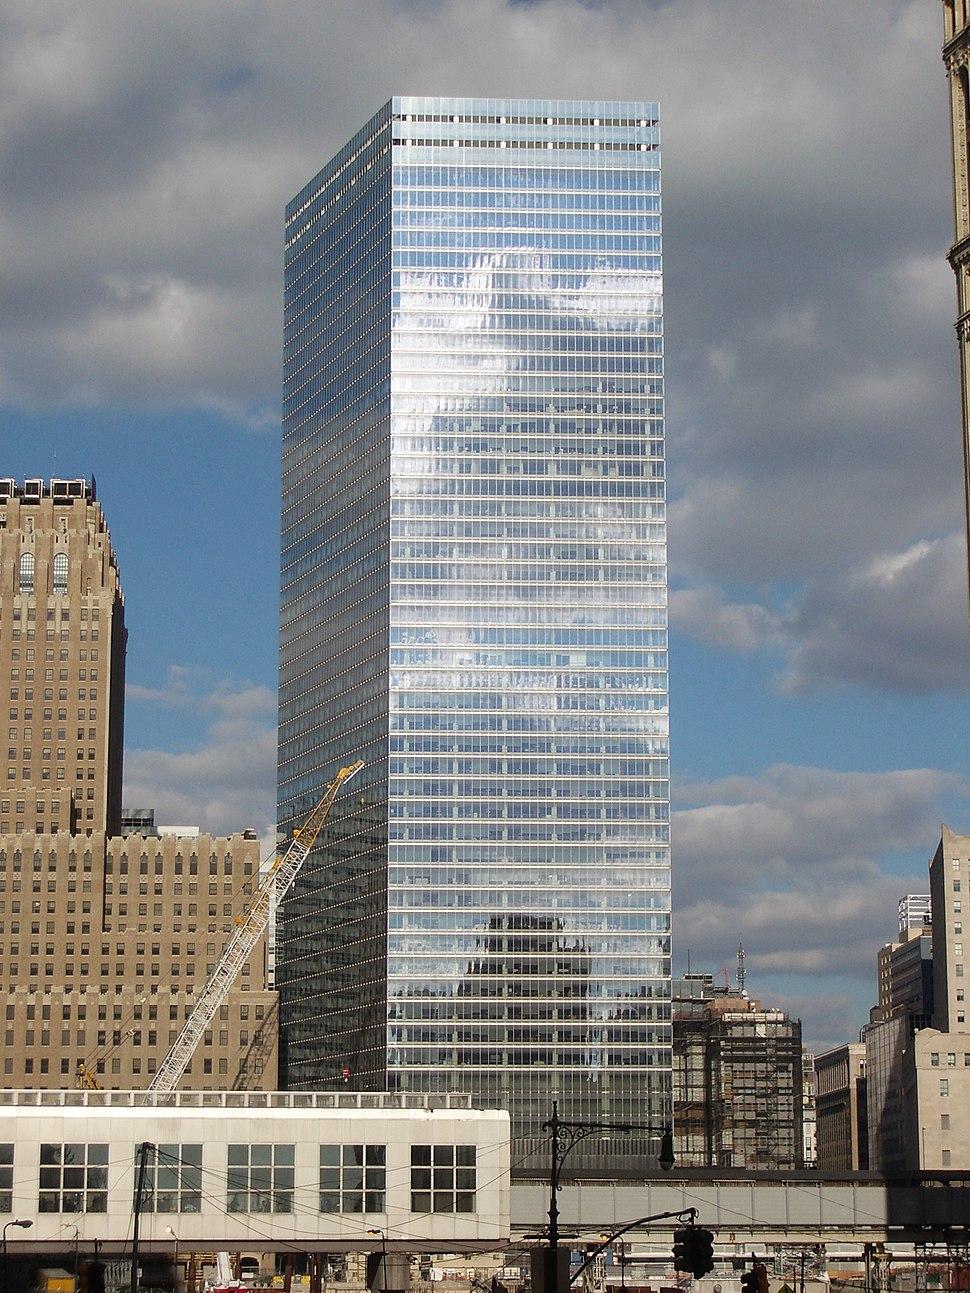 A new skyscraper in New York's World Trade Center